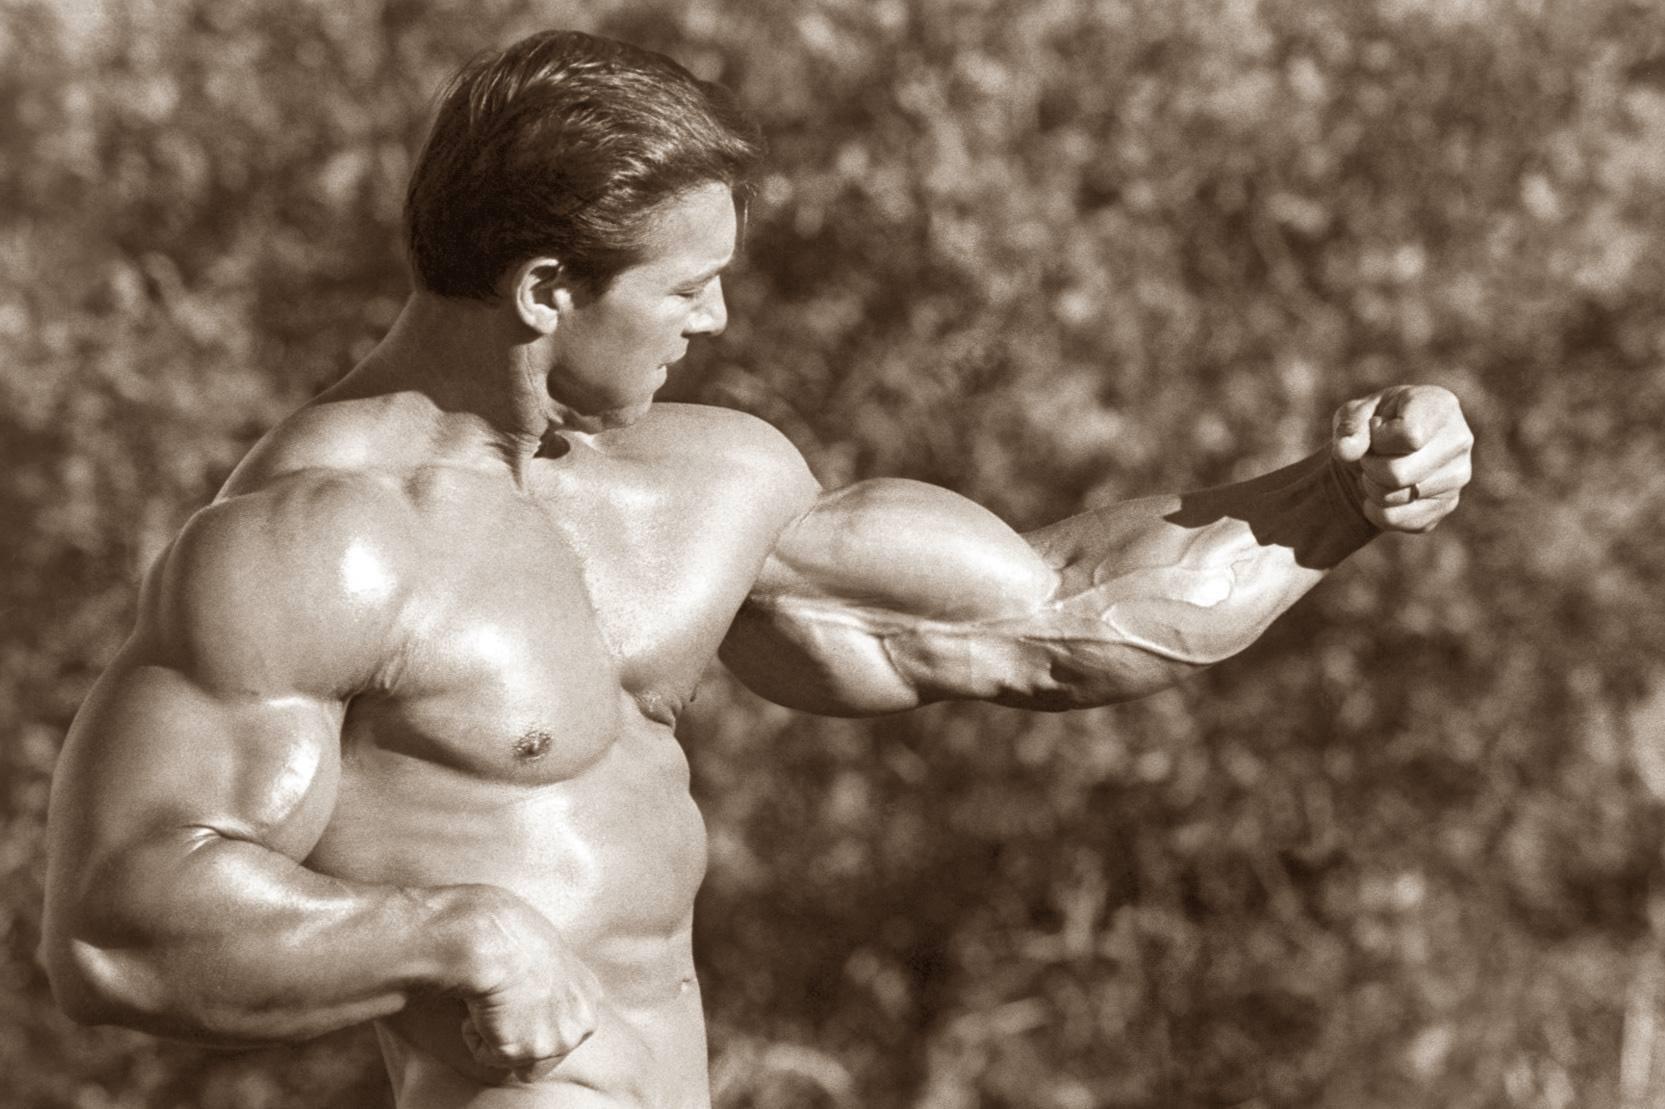 Ларри скотт — фото, биография, личная жизнь, культурист, бодибилдер, причина смерти - 24сми